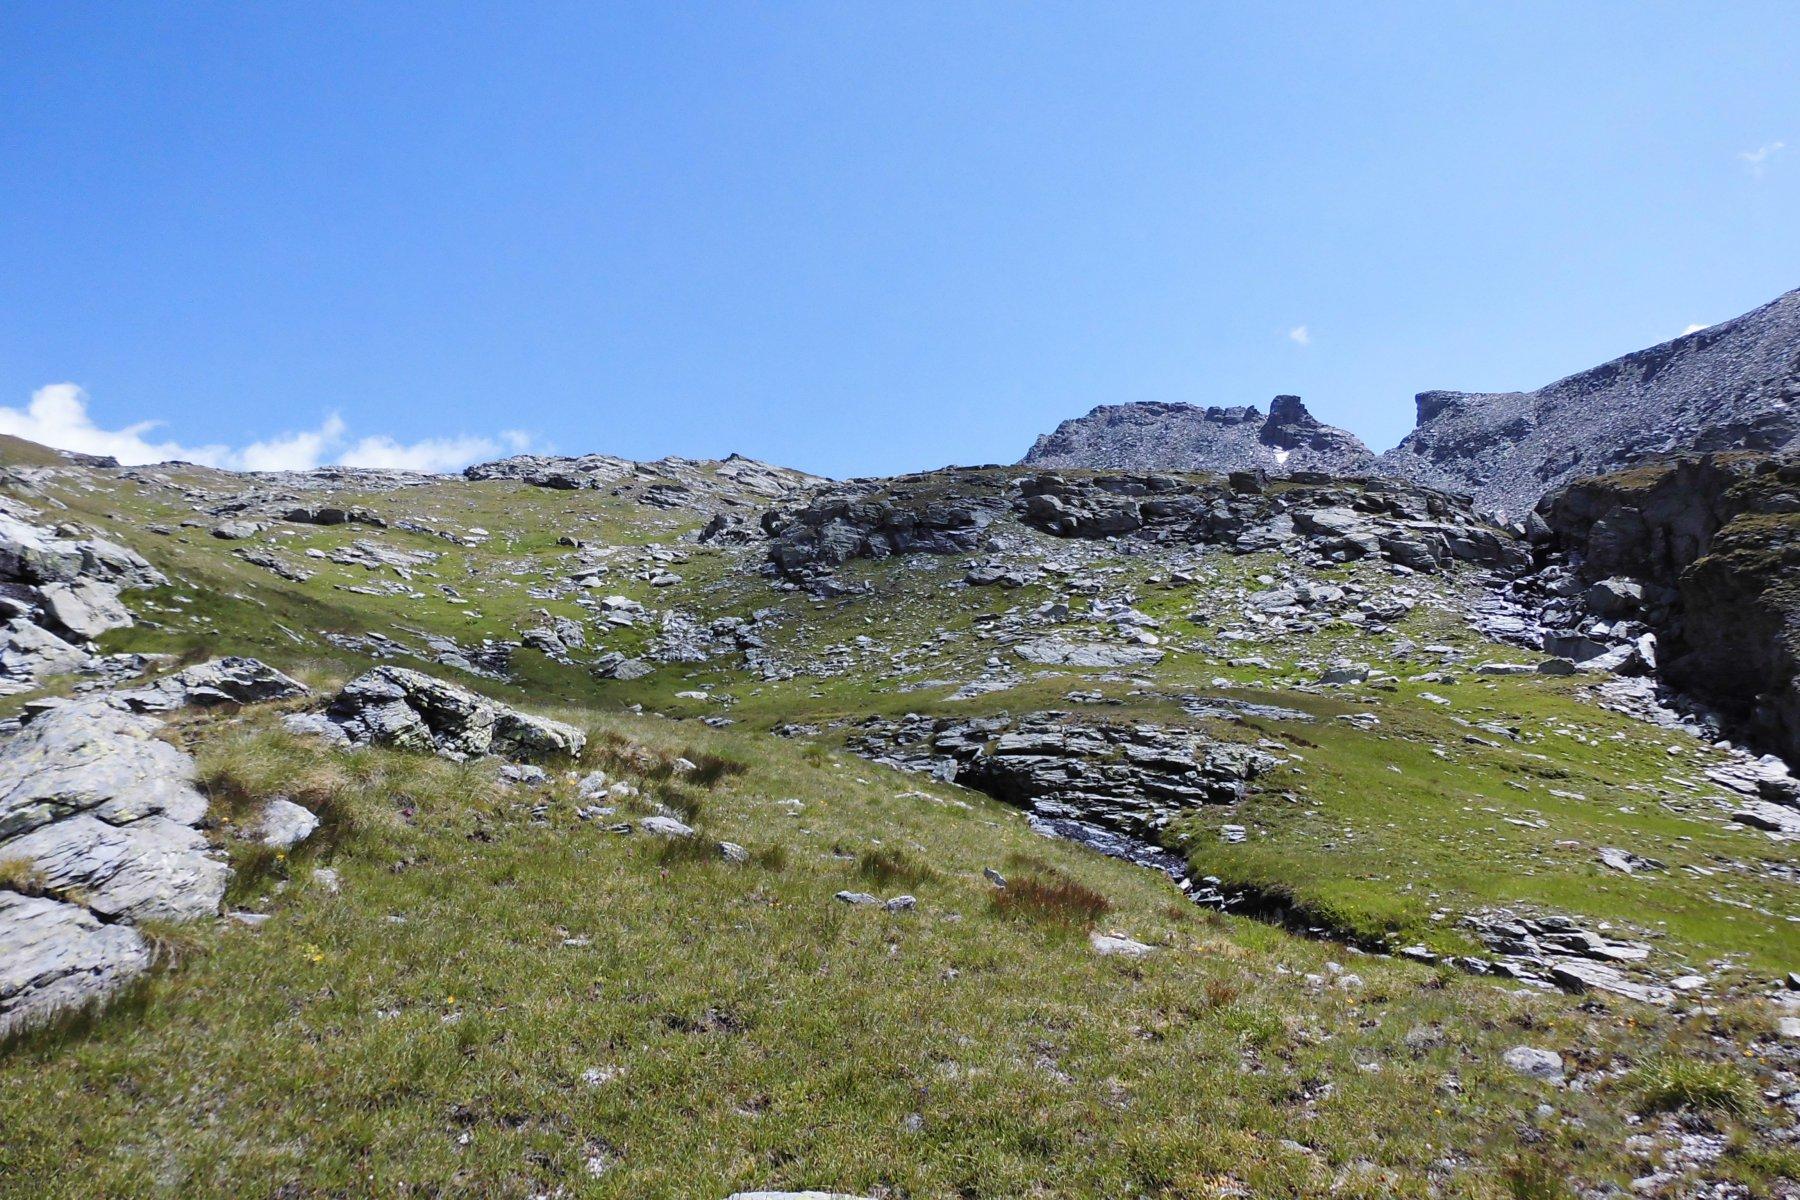 Alto vallone di Mascognaz, sullo sfondo il Corno Vitello